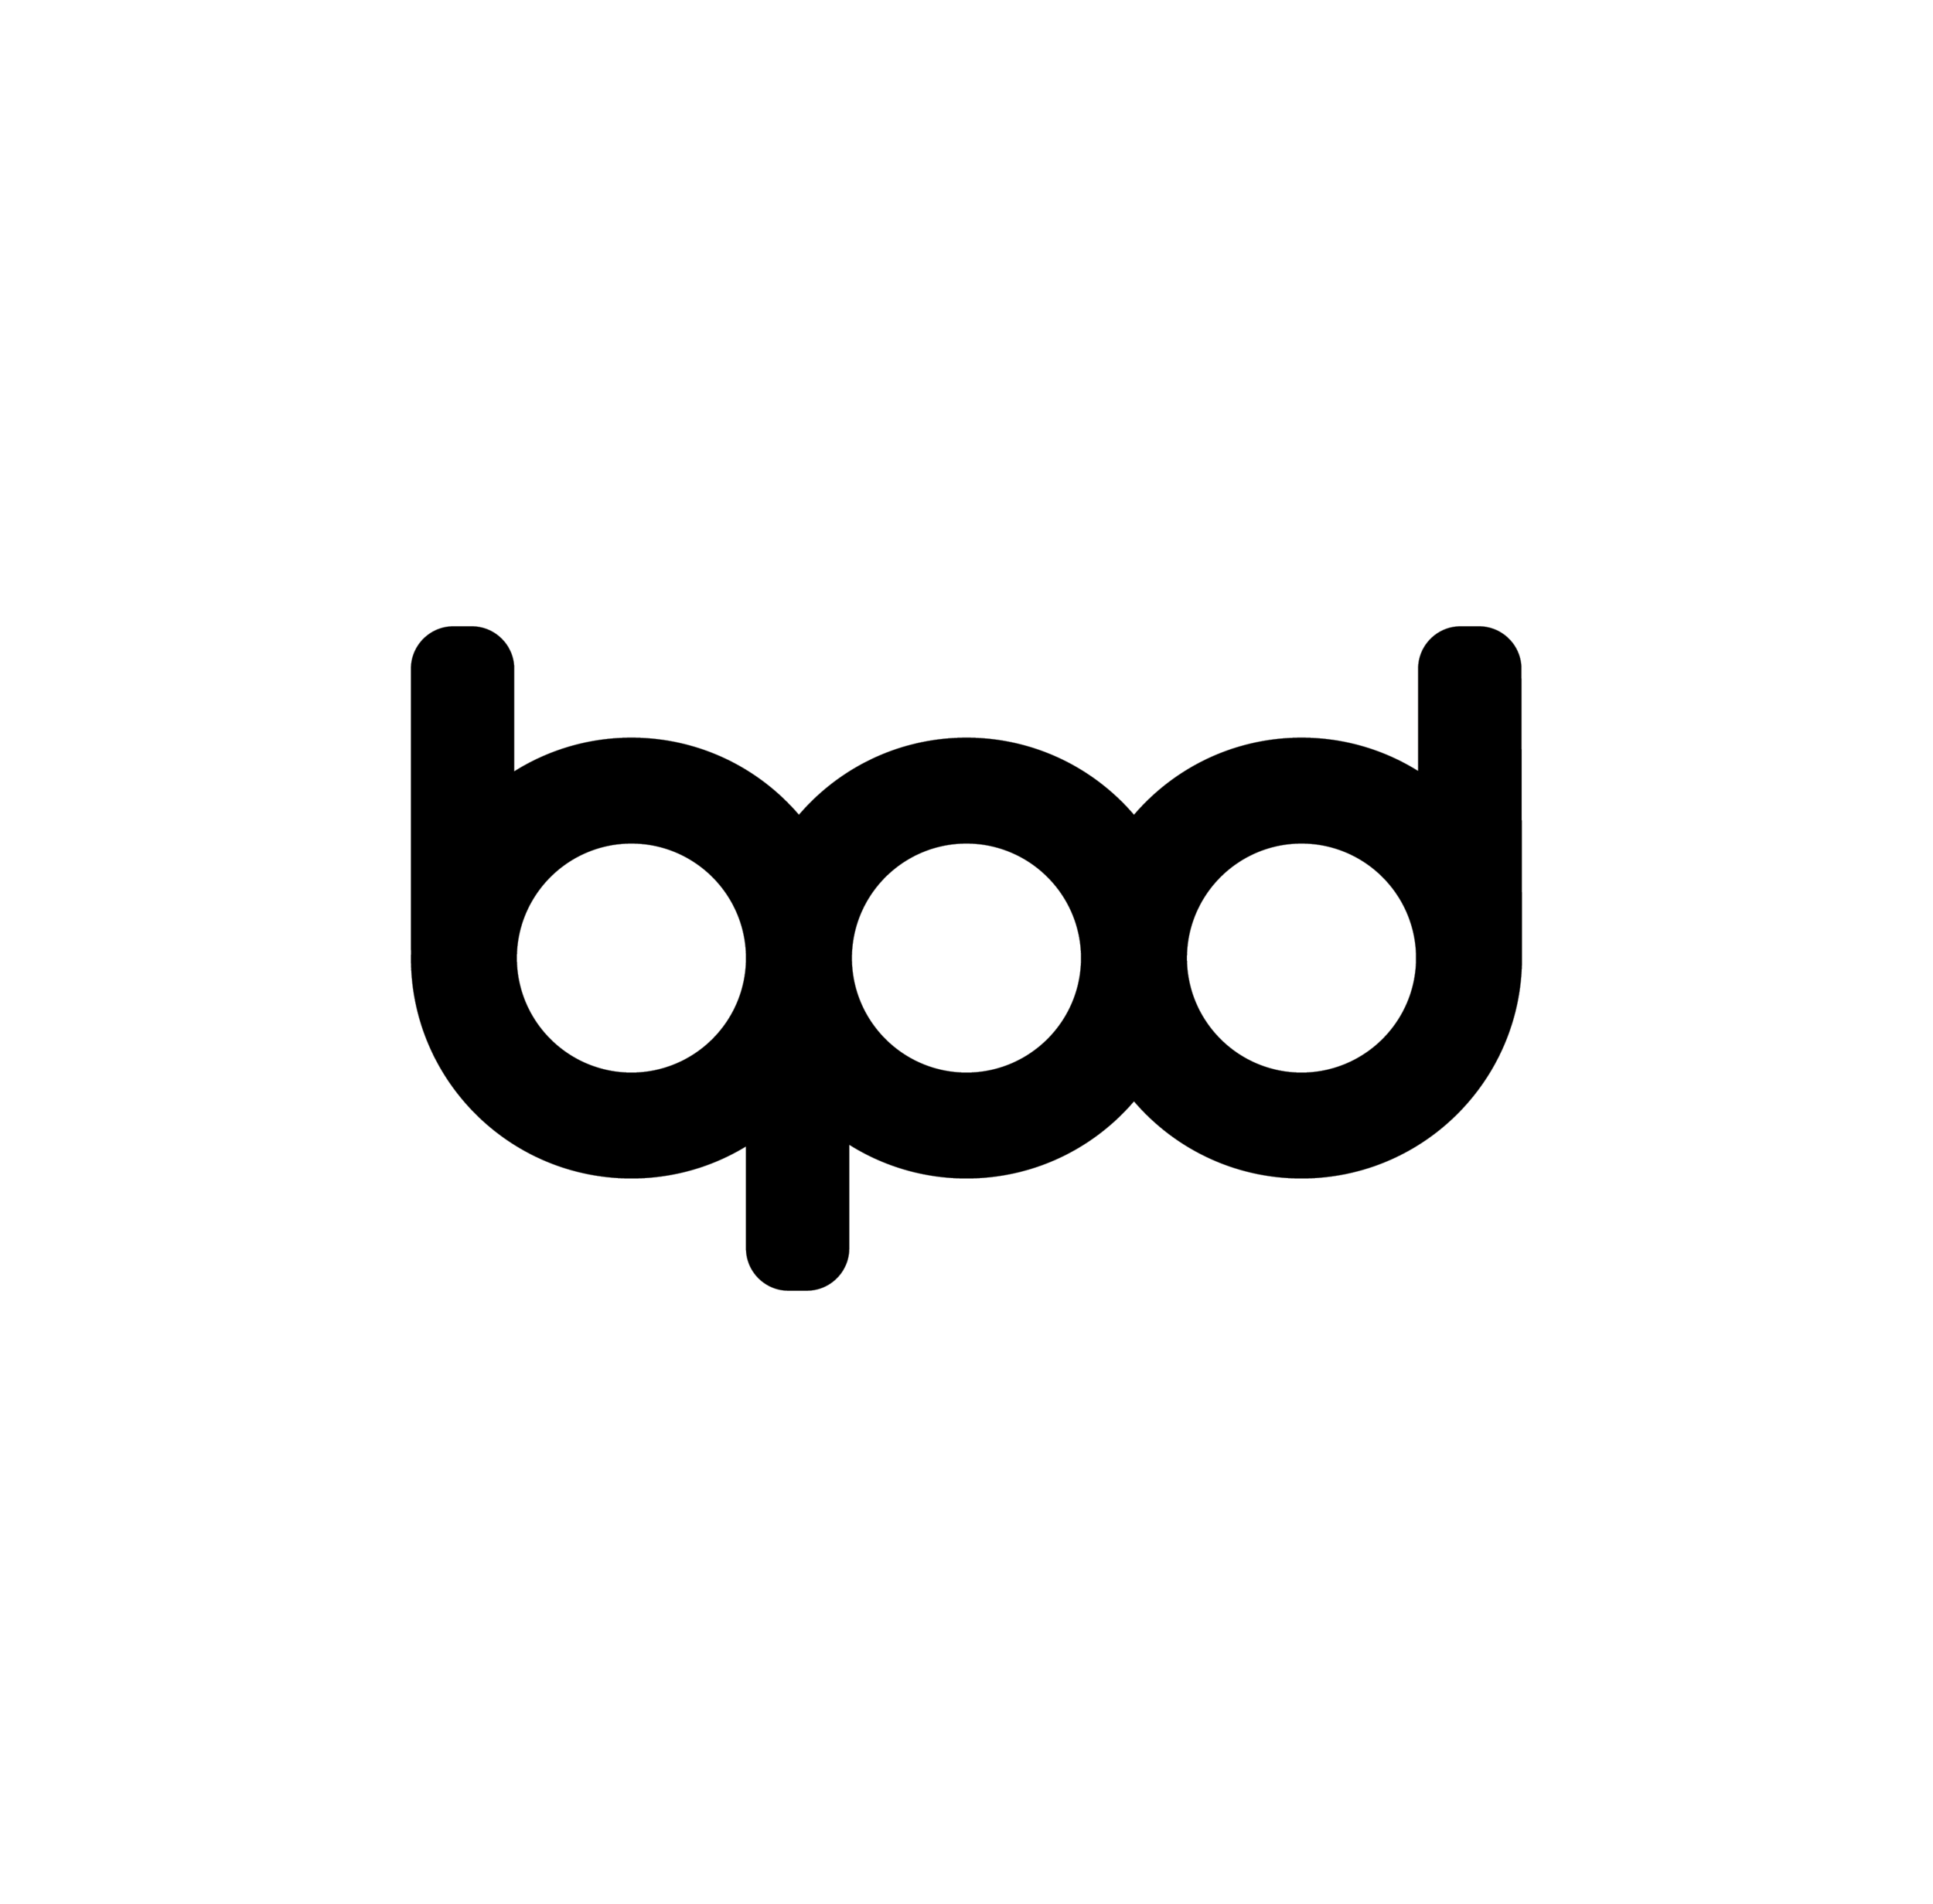 bpd_logo_ig copy.png